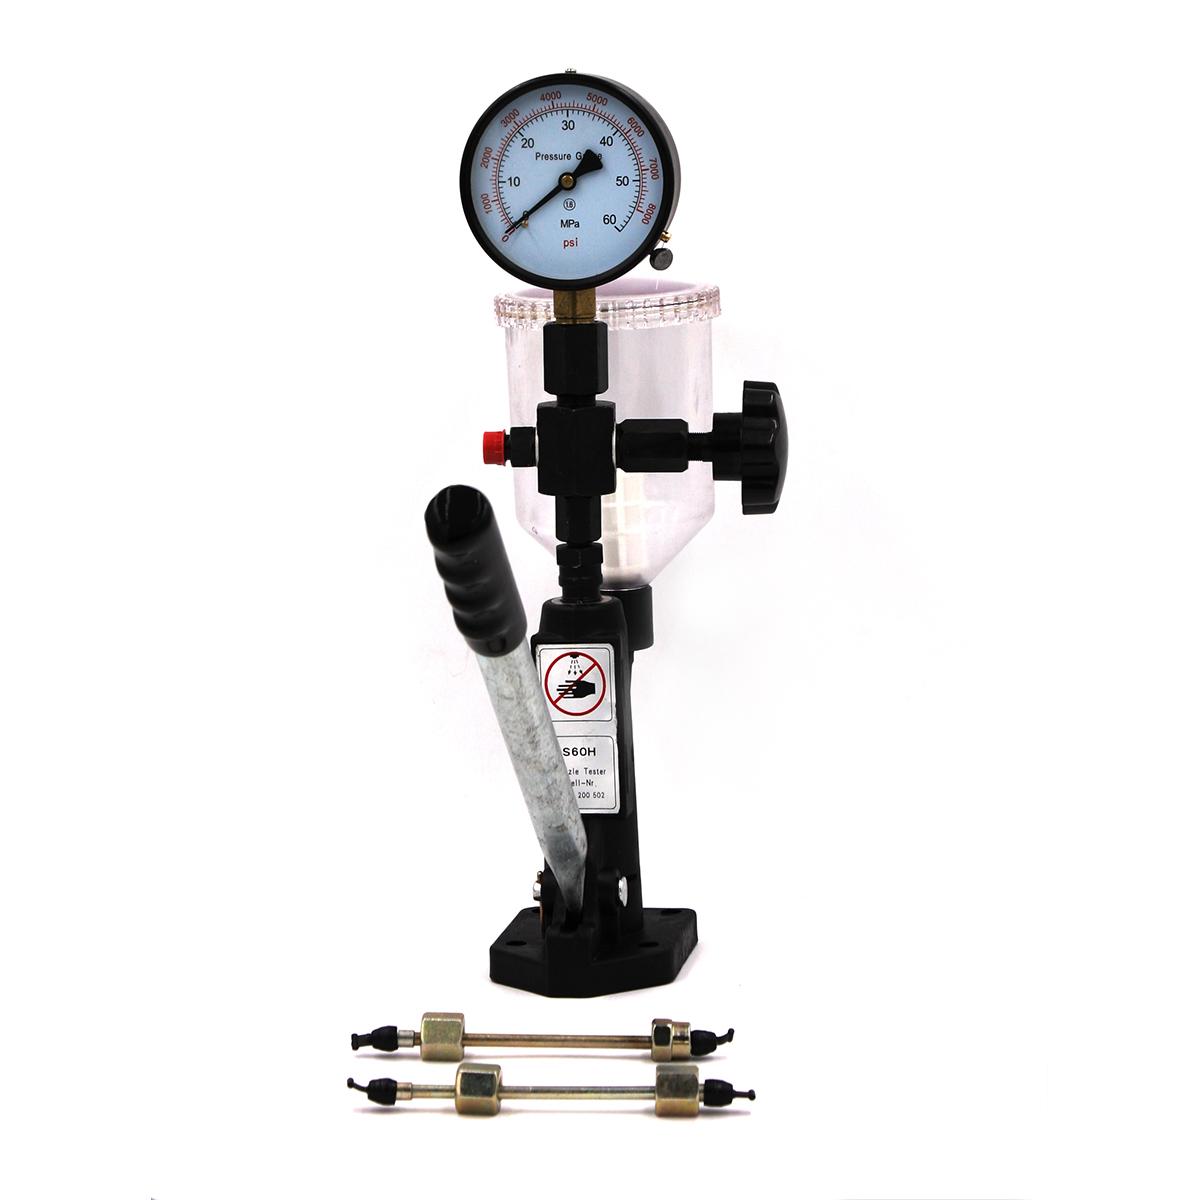 Прибор для диагностики и регулировки дизельных форсунок Car-Tool CT-090